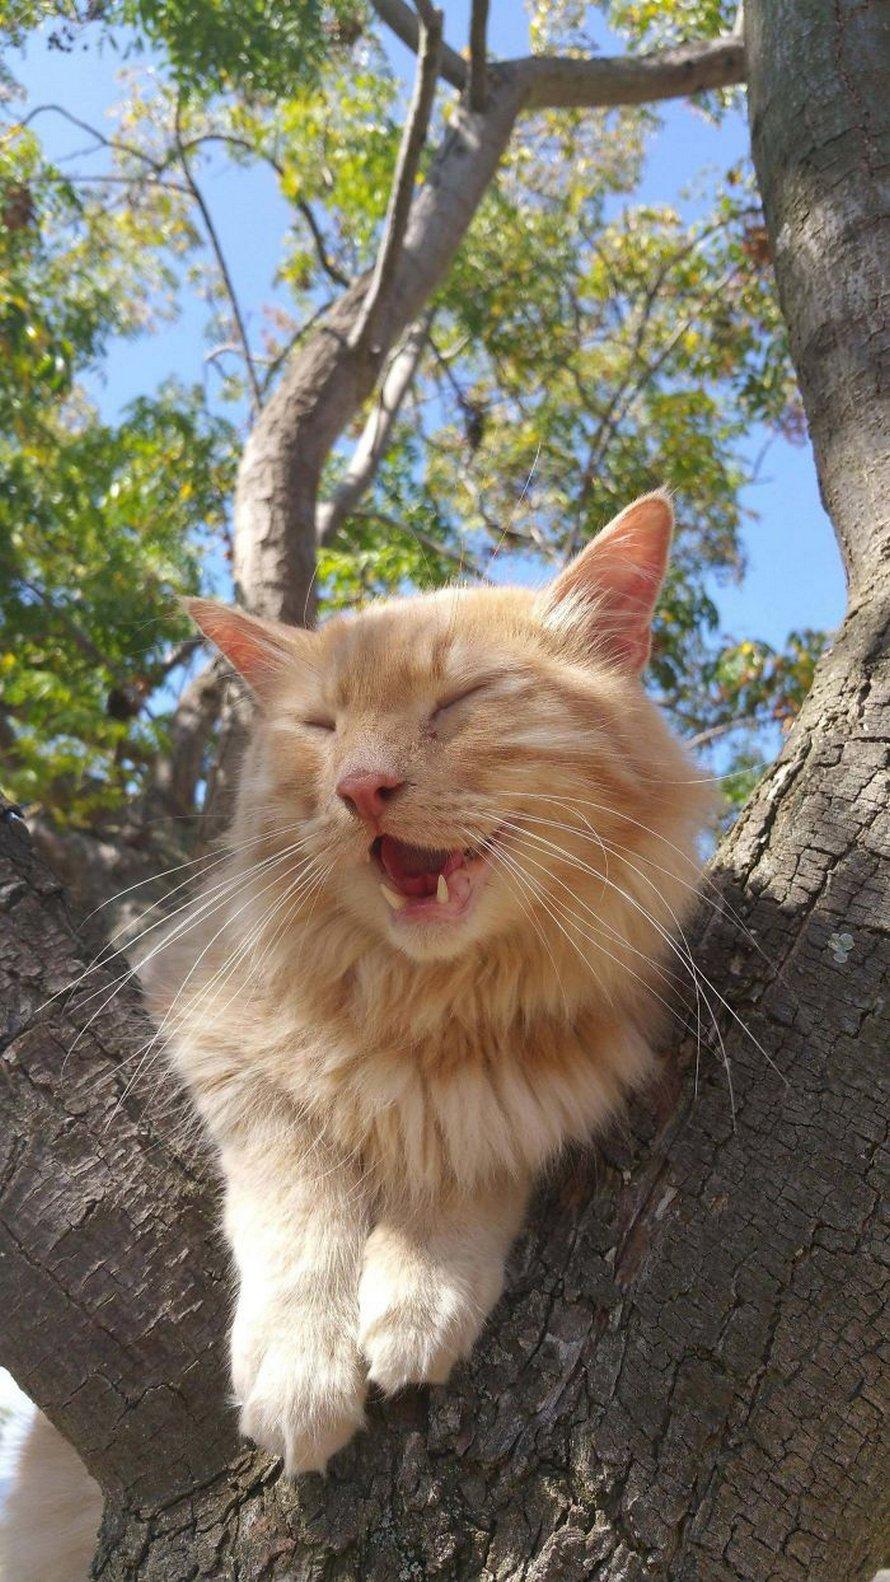 Ces oiseaux ressemblent étrangement à des chats ! By Ipnoze.com Chats-perches-dans-arbres-comme-oiseaux-21